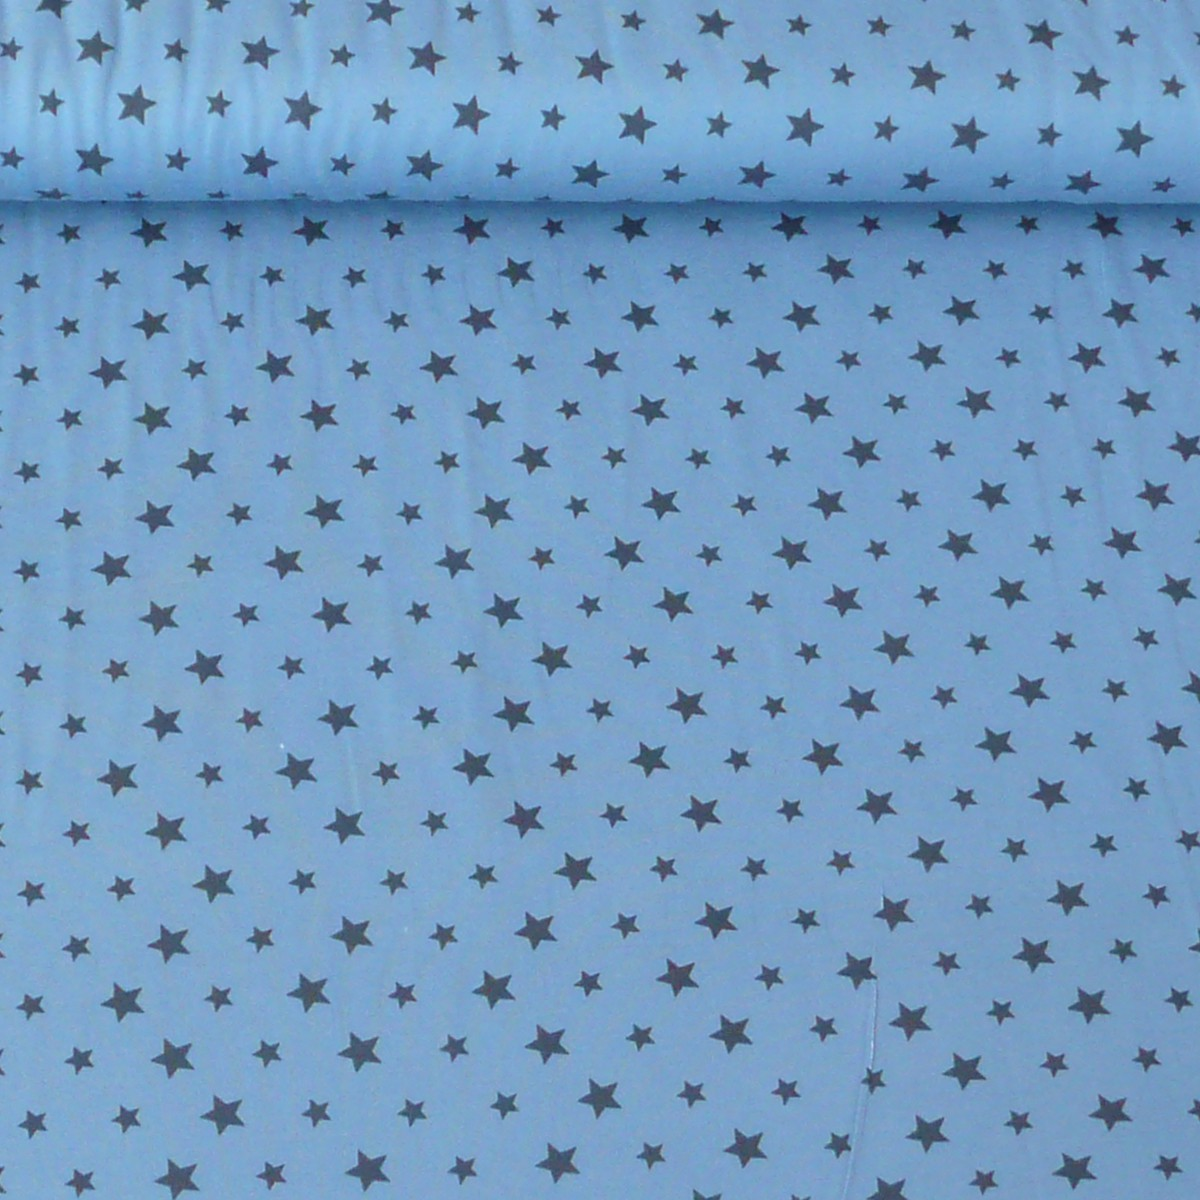 jersey stoff sterne blau dunkelblau stoffe stoffe. Black Bedroom Furniture Sets. Home Design Ideas